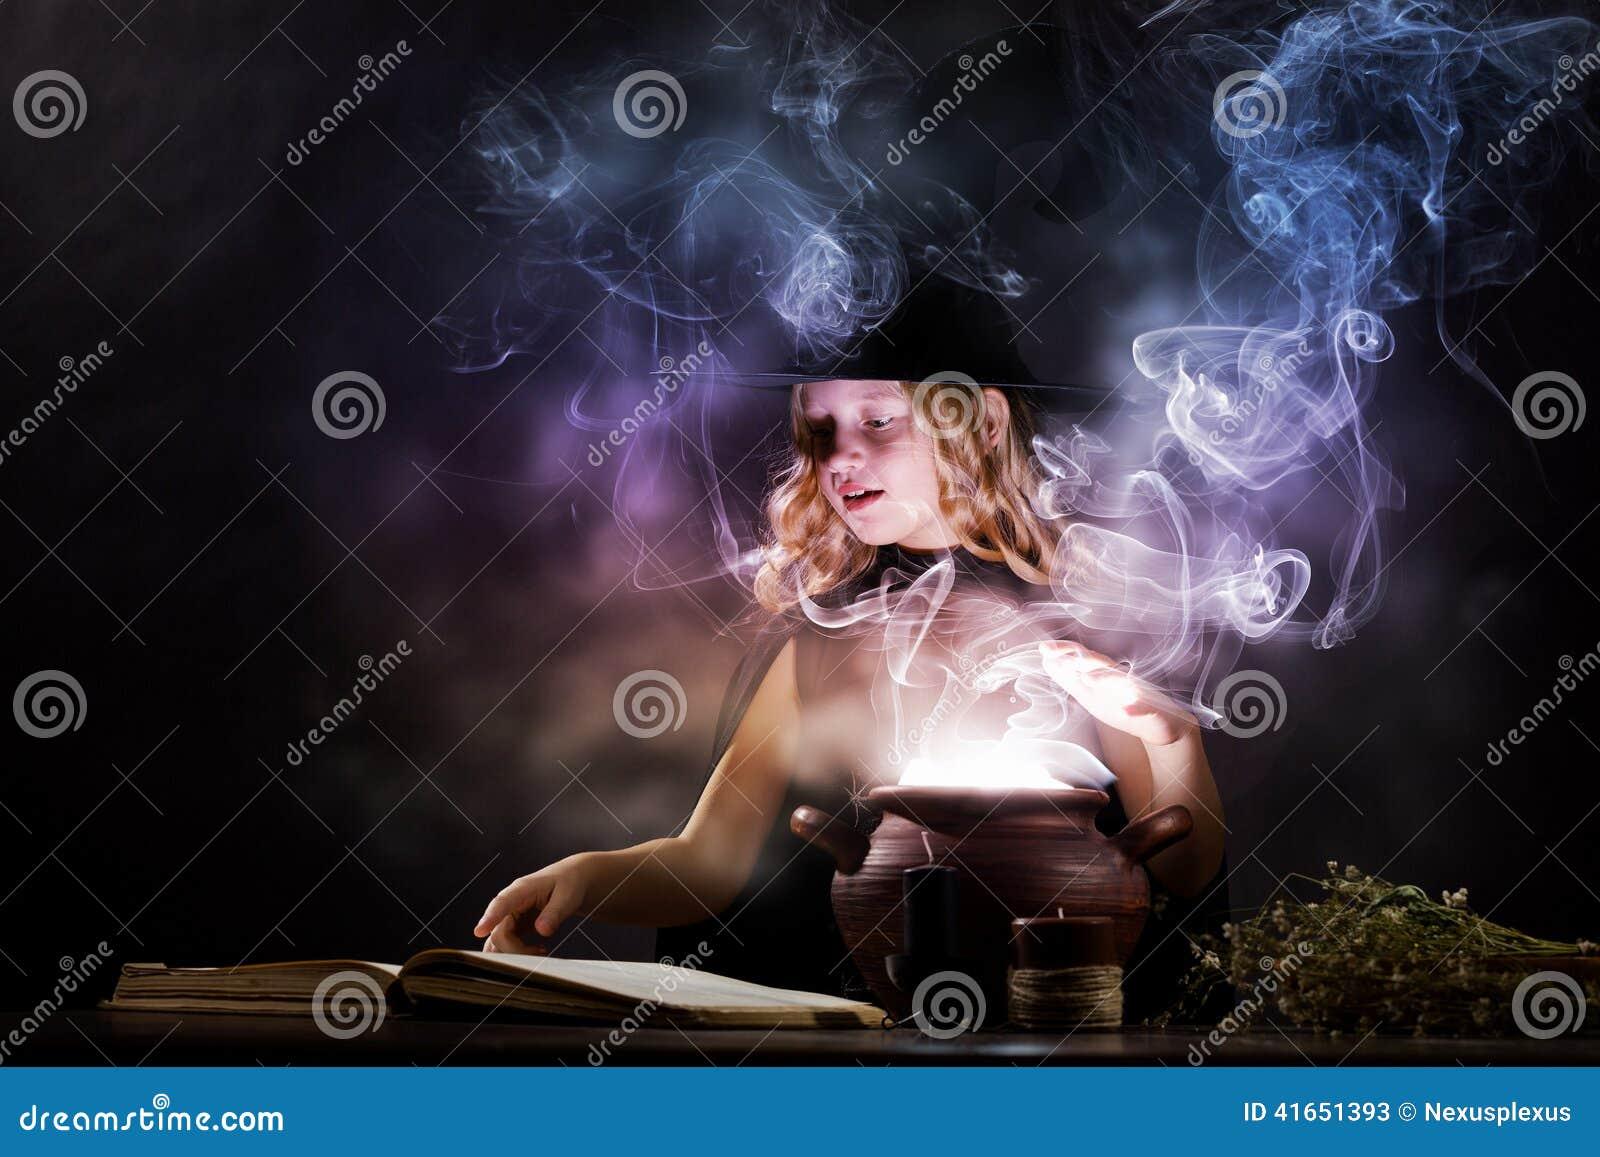 иллюстрации halloween штольни мои пожалуйста см